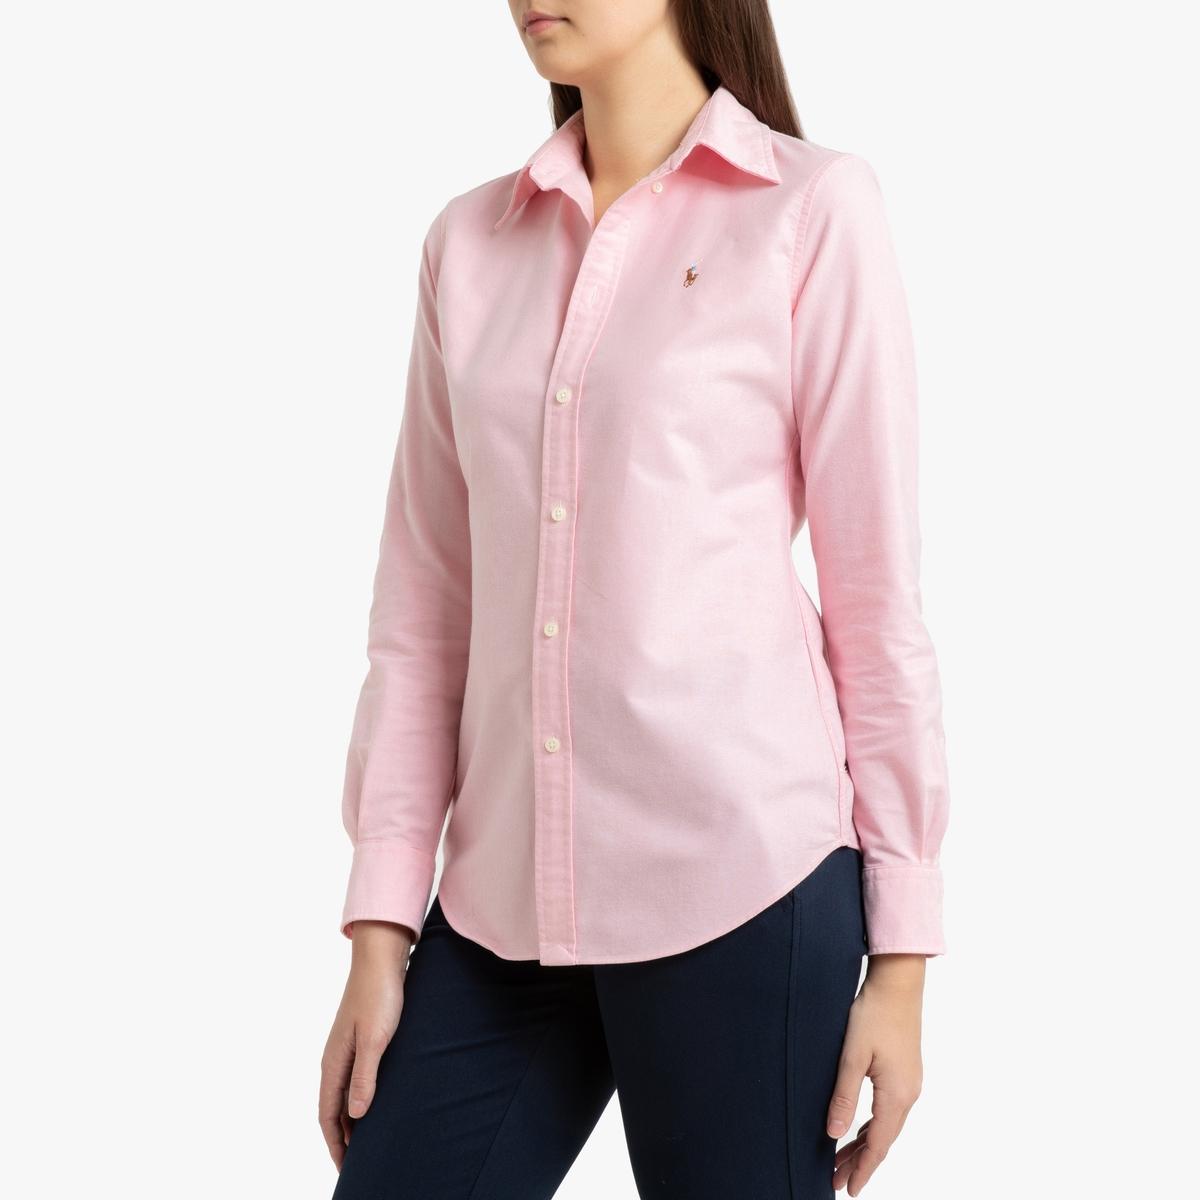 Рубашка La Redoute Из ткани Oxford с длинными рукавами M розовый шаньшань firs бизнес случайный сплошной цвет с длинными рукавами футболка поло рубашка мужской ddx606c 10 розовый 180